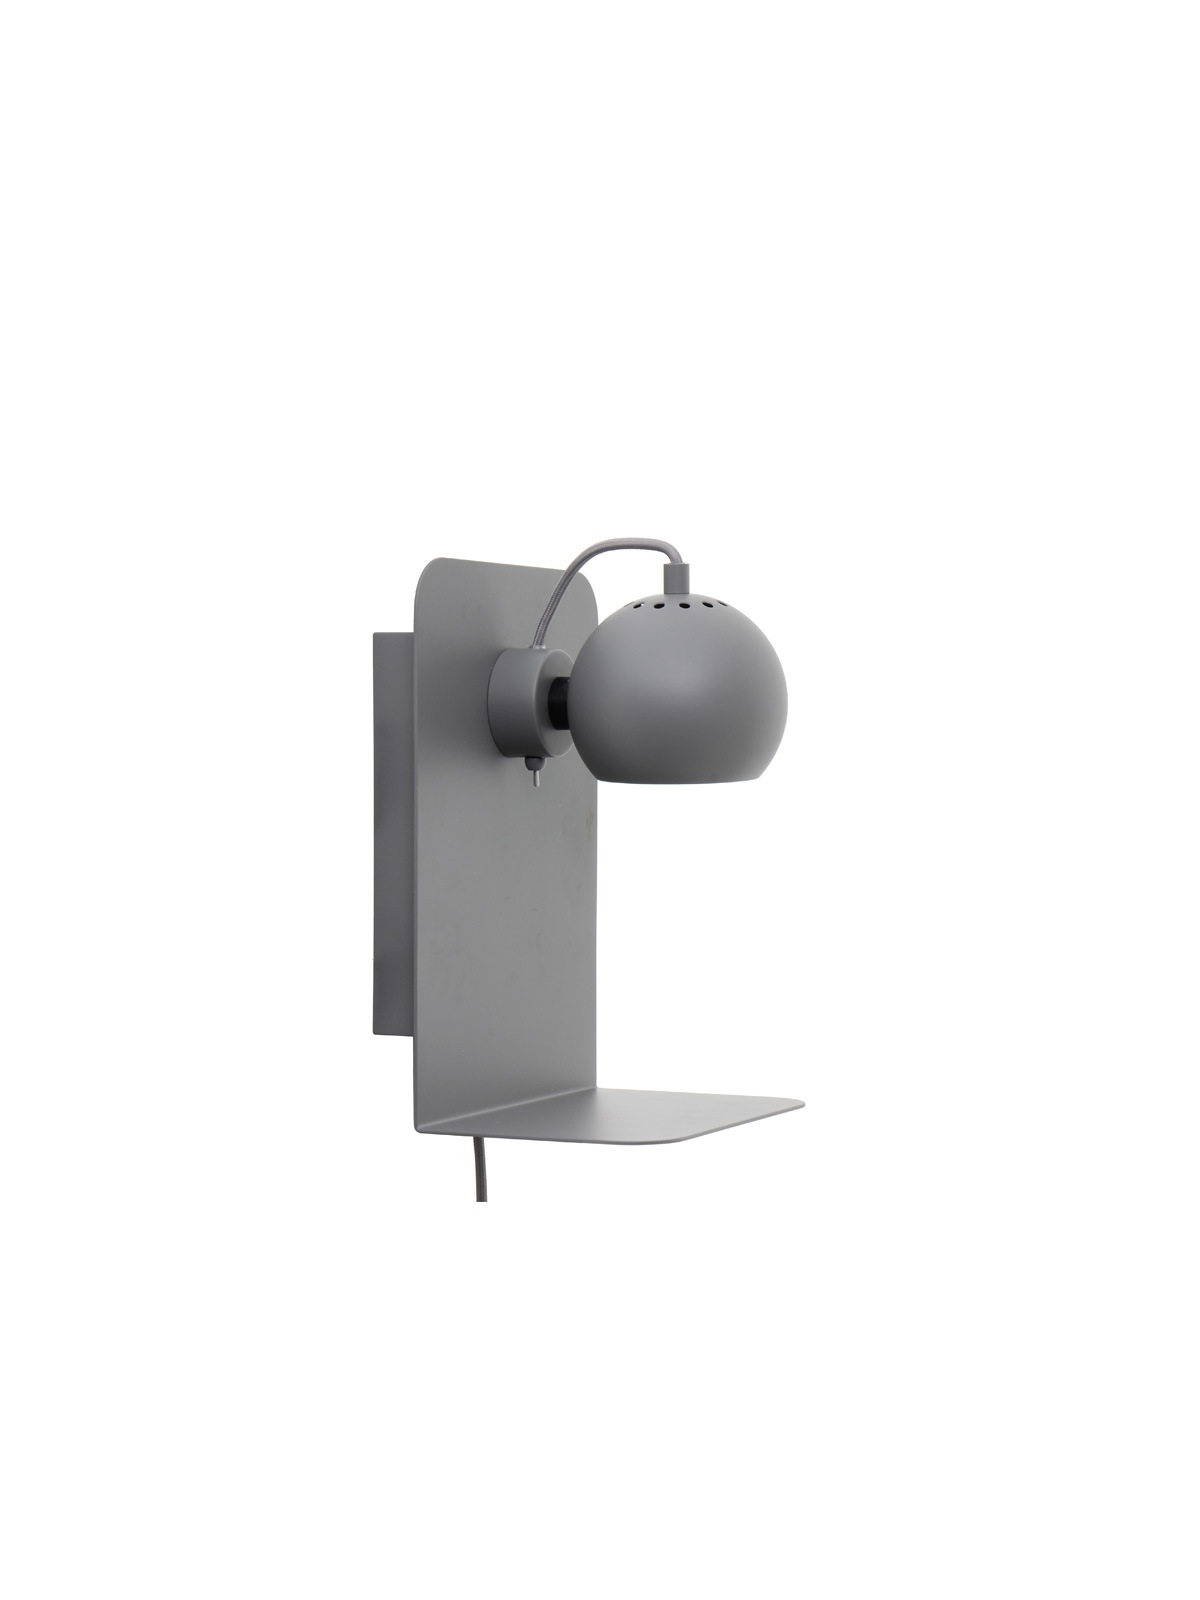 Ball USB Wandleuchte Frandsen DesignOrt Onlineshop Lampen Berlin